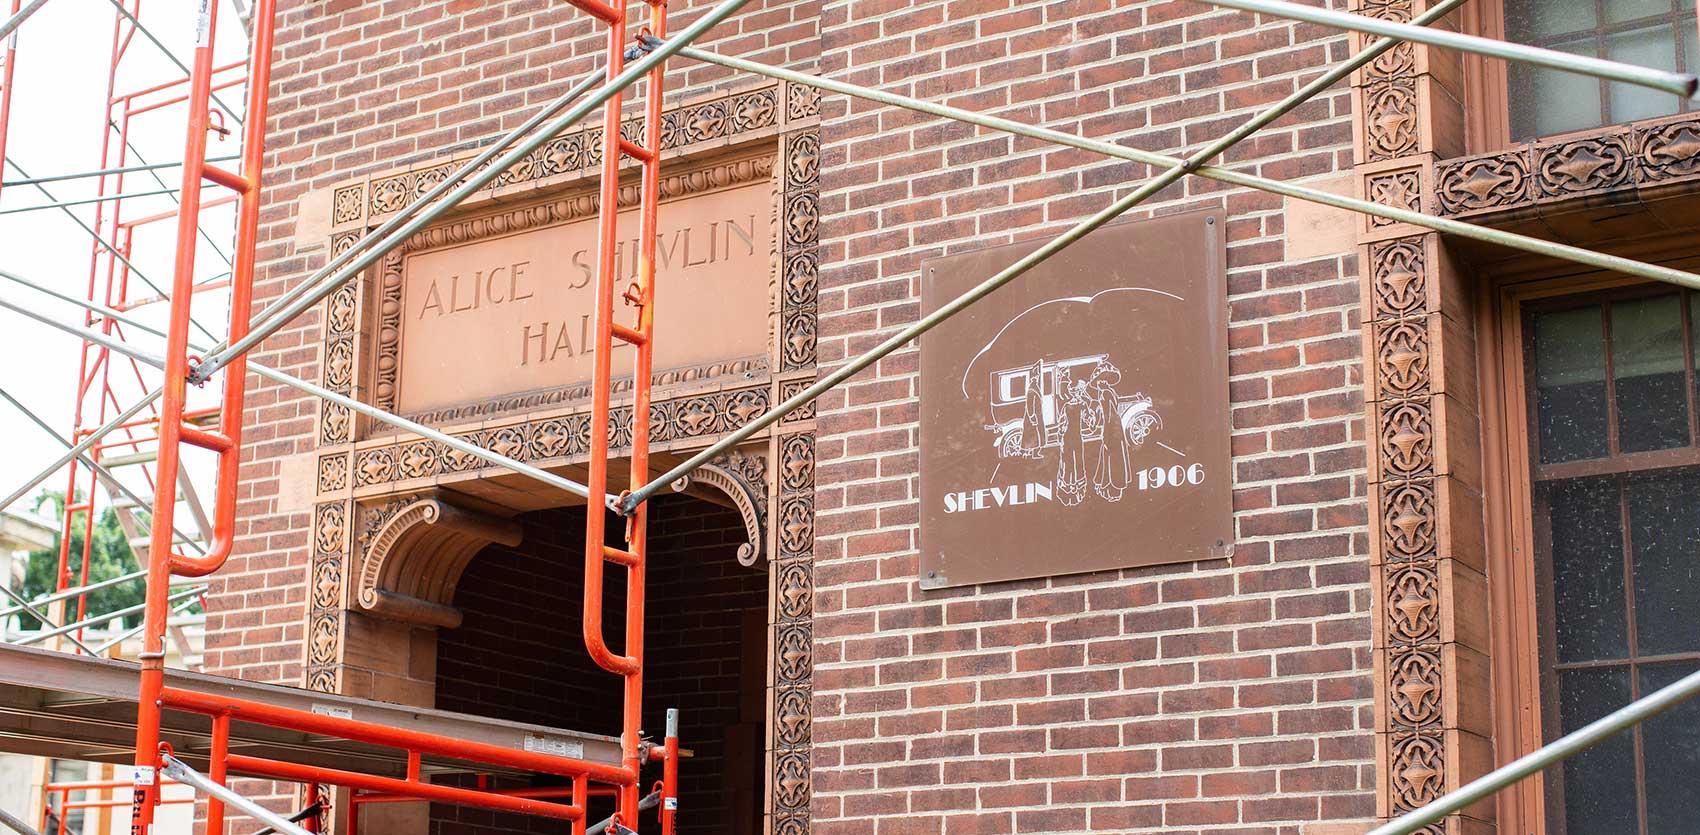 University of Minnesota Shevlin Hall Restoration